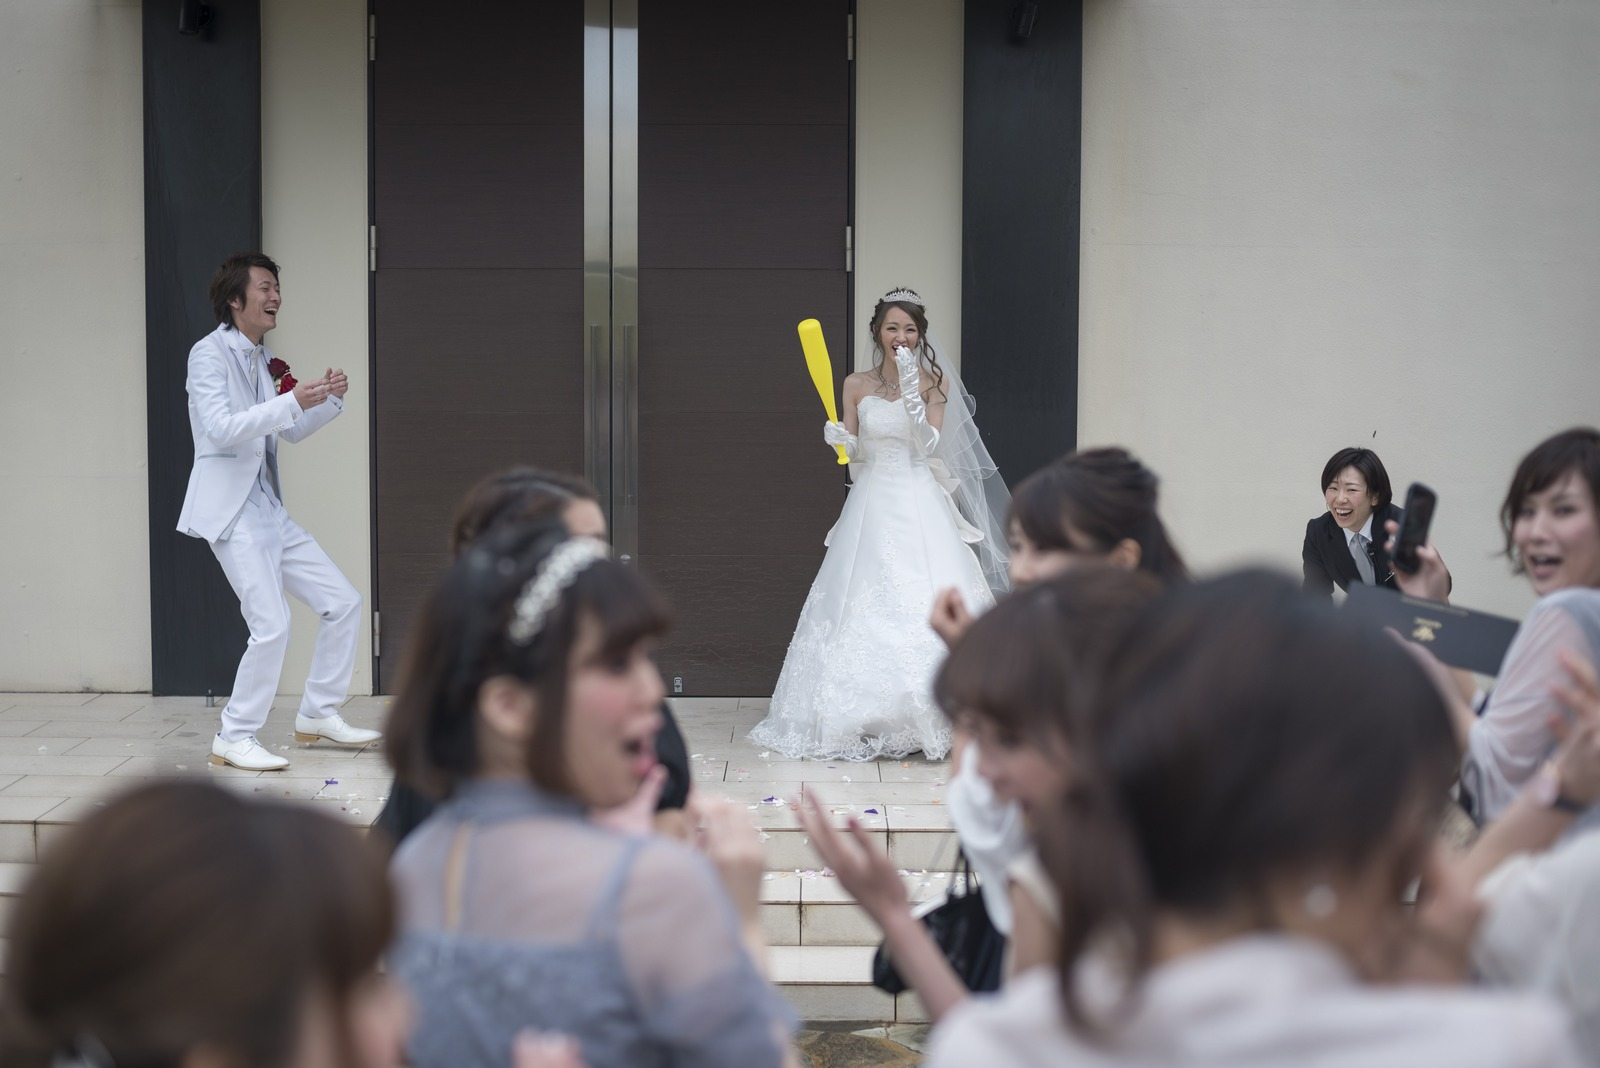 高松市の結婚式場アイルバレクラブのアフターセレモニーでボールトス